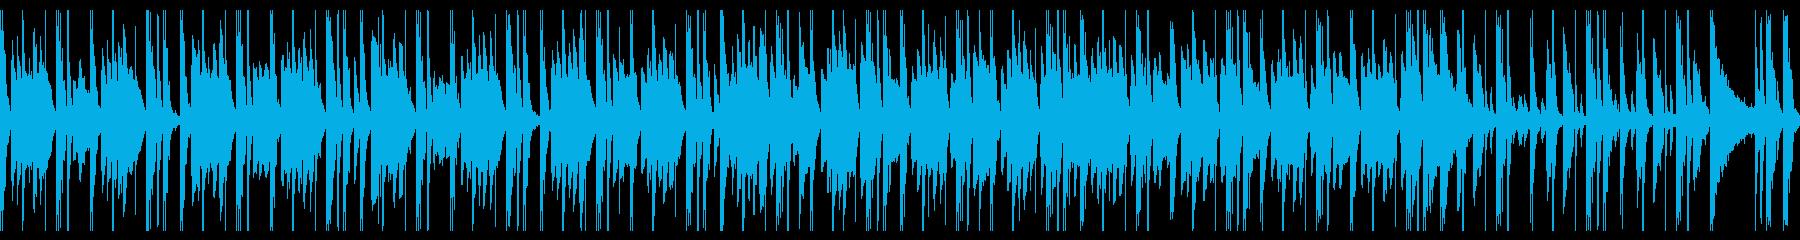 (loop)バトル系ビッグビートの再生済みの波形